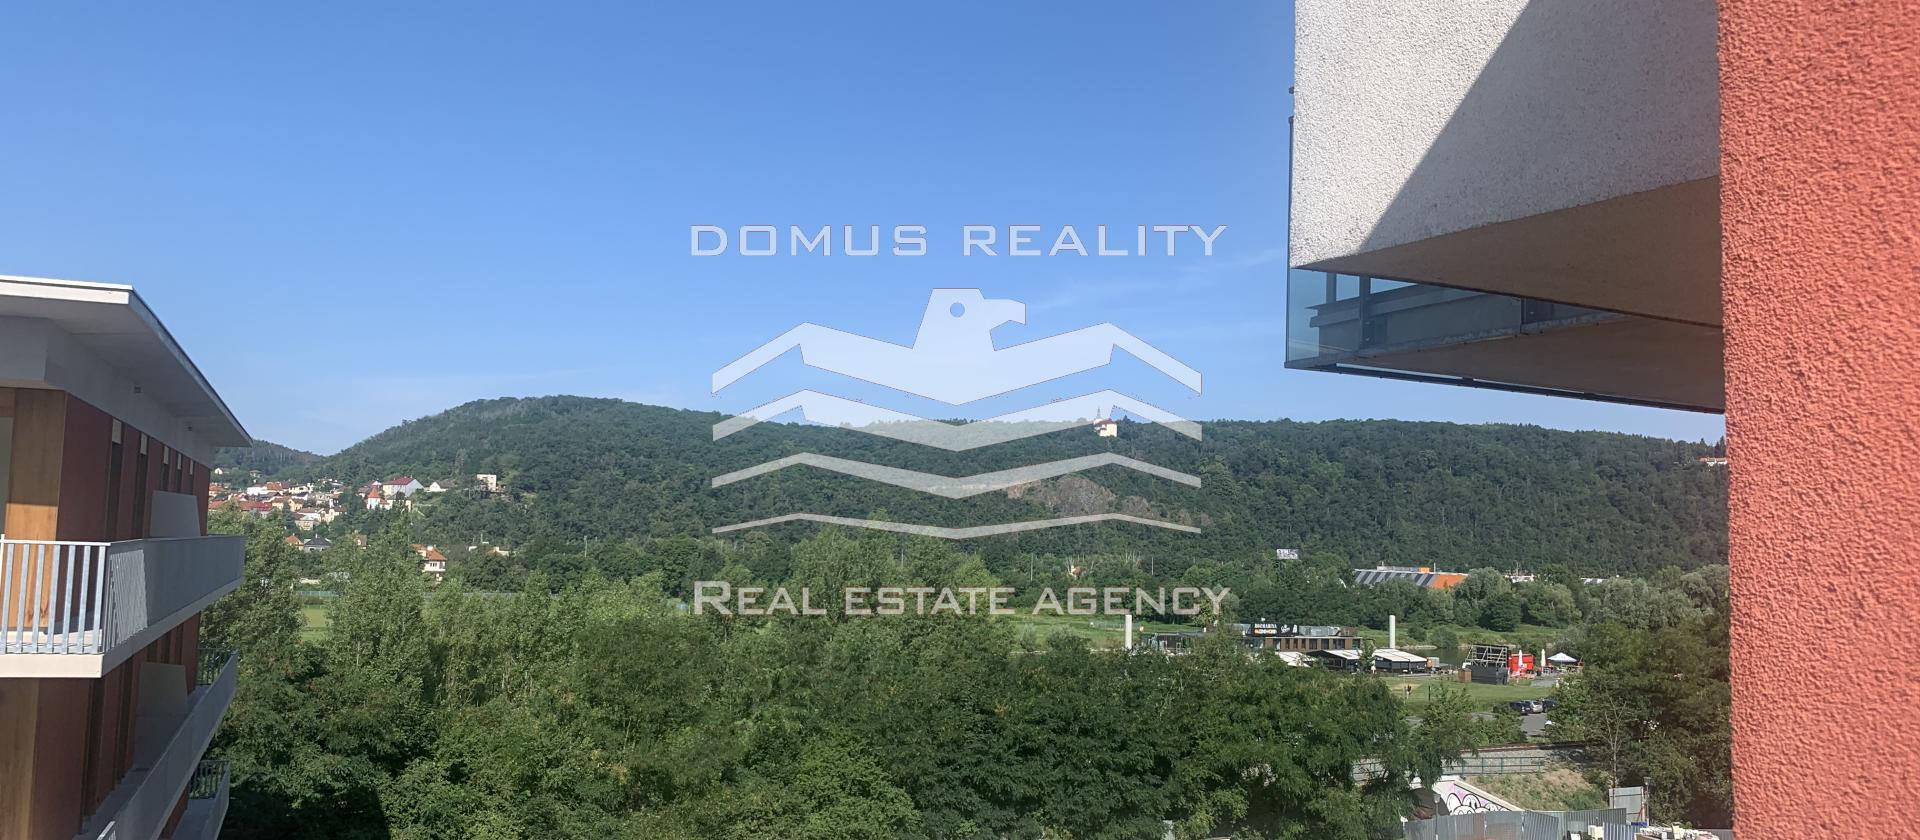 Domus reality nabízí k pronájmu nezařízený byt 2+kk o velikosti 90 m2 s balkonem, garáží a sklepem v ceně.